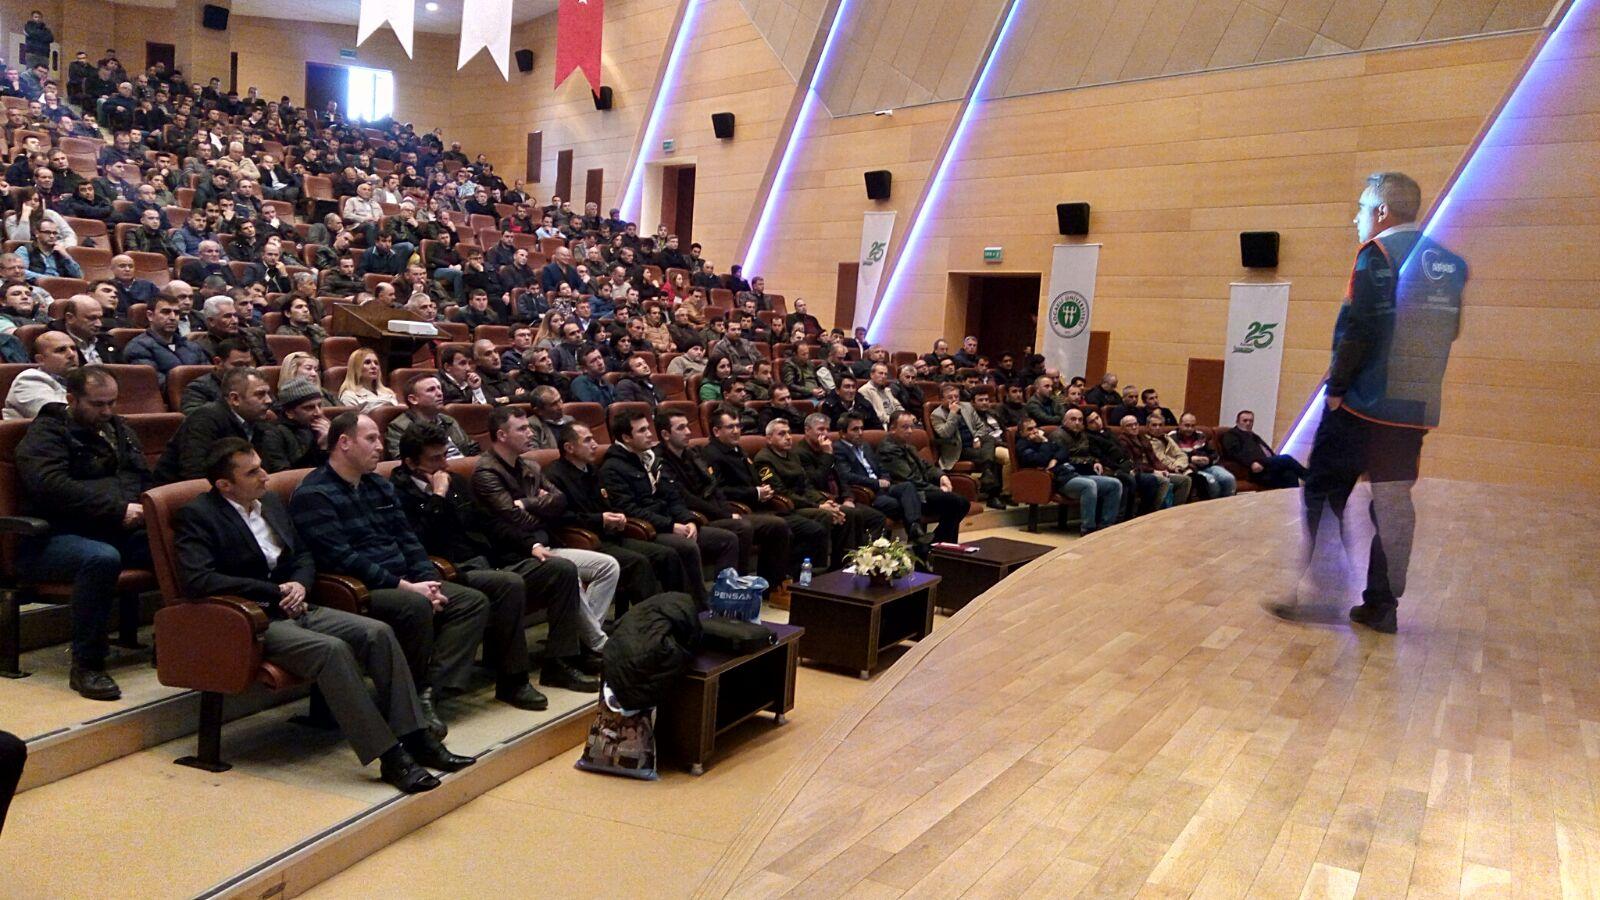 Güvenlik görevlilerine eğitim